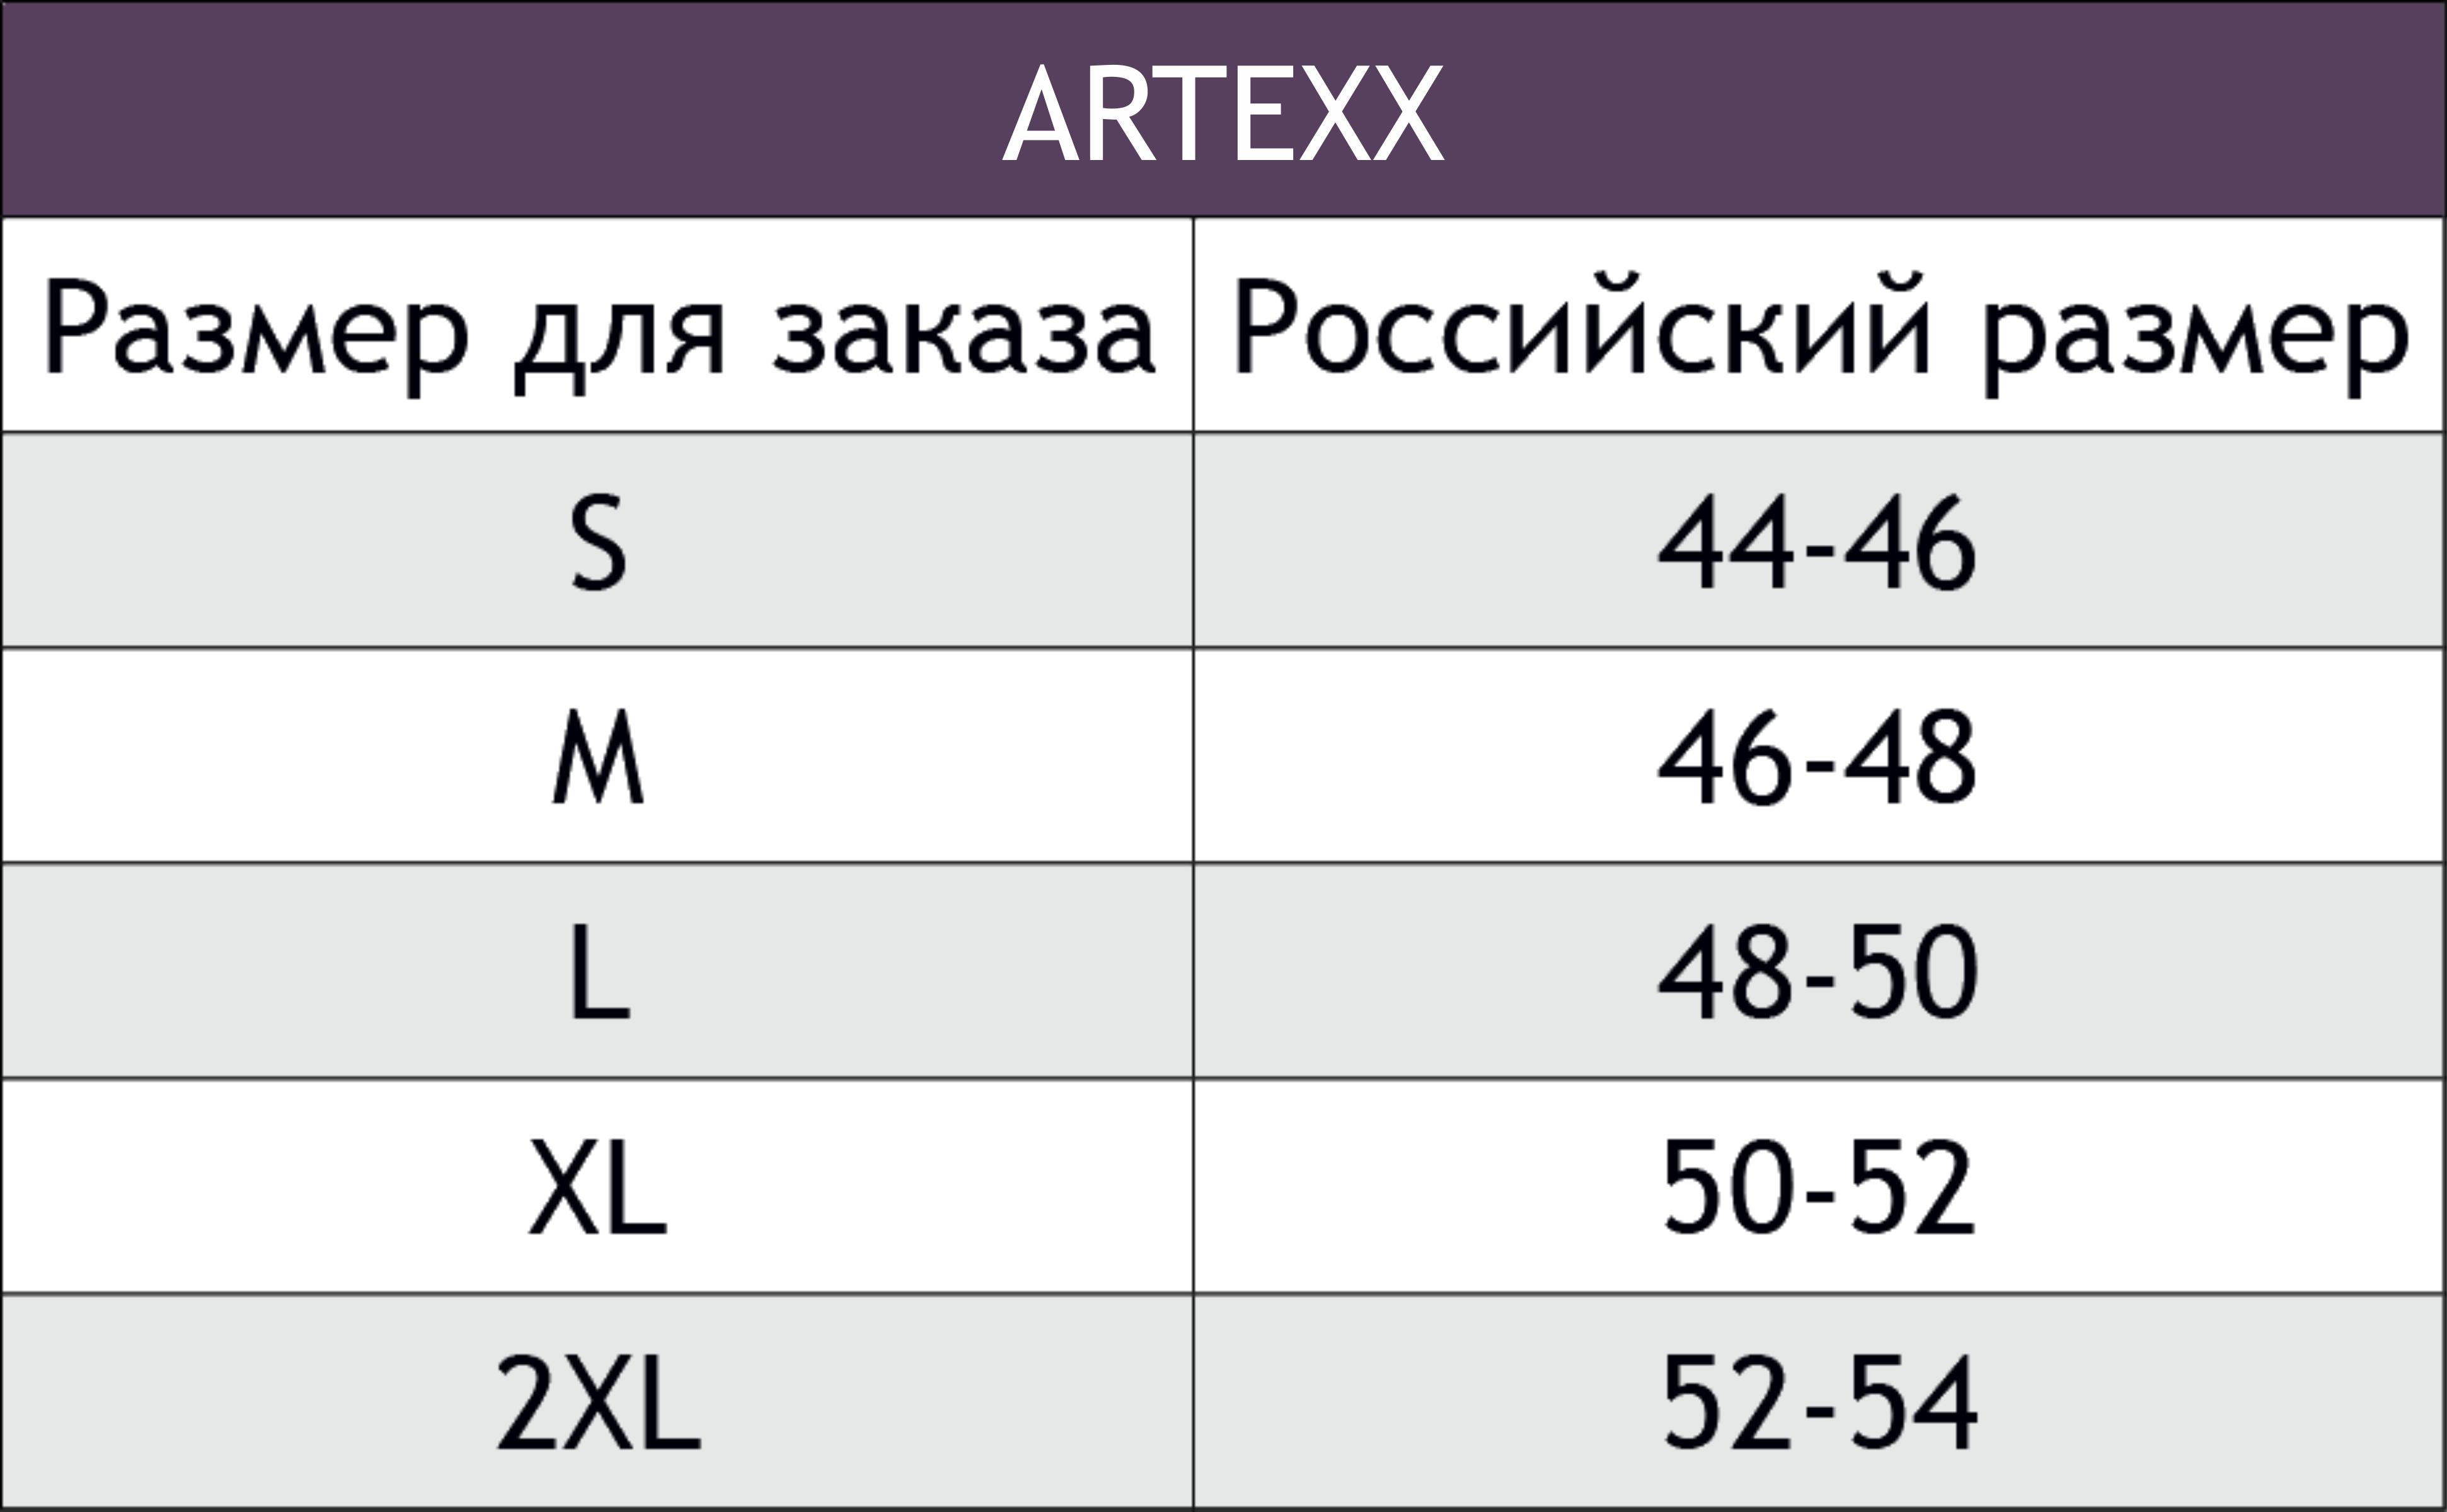 ARTEXX.png